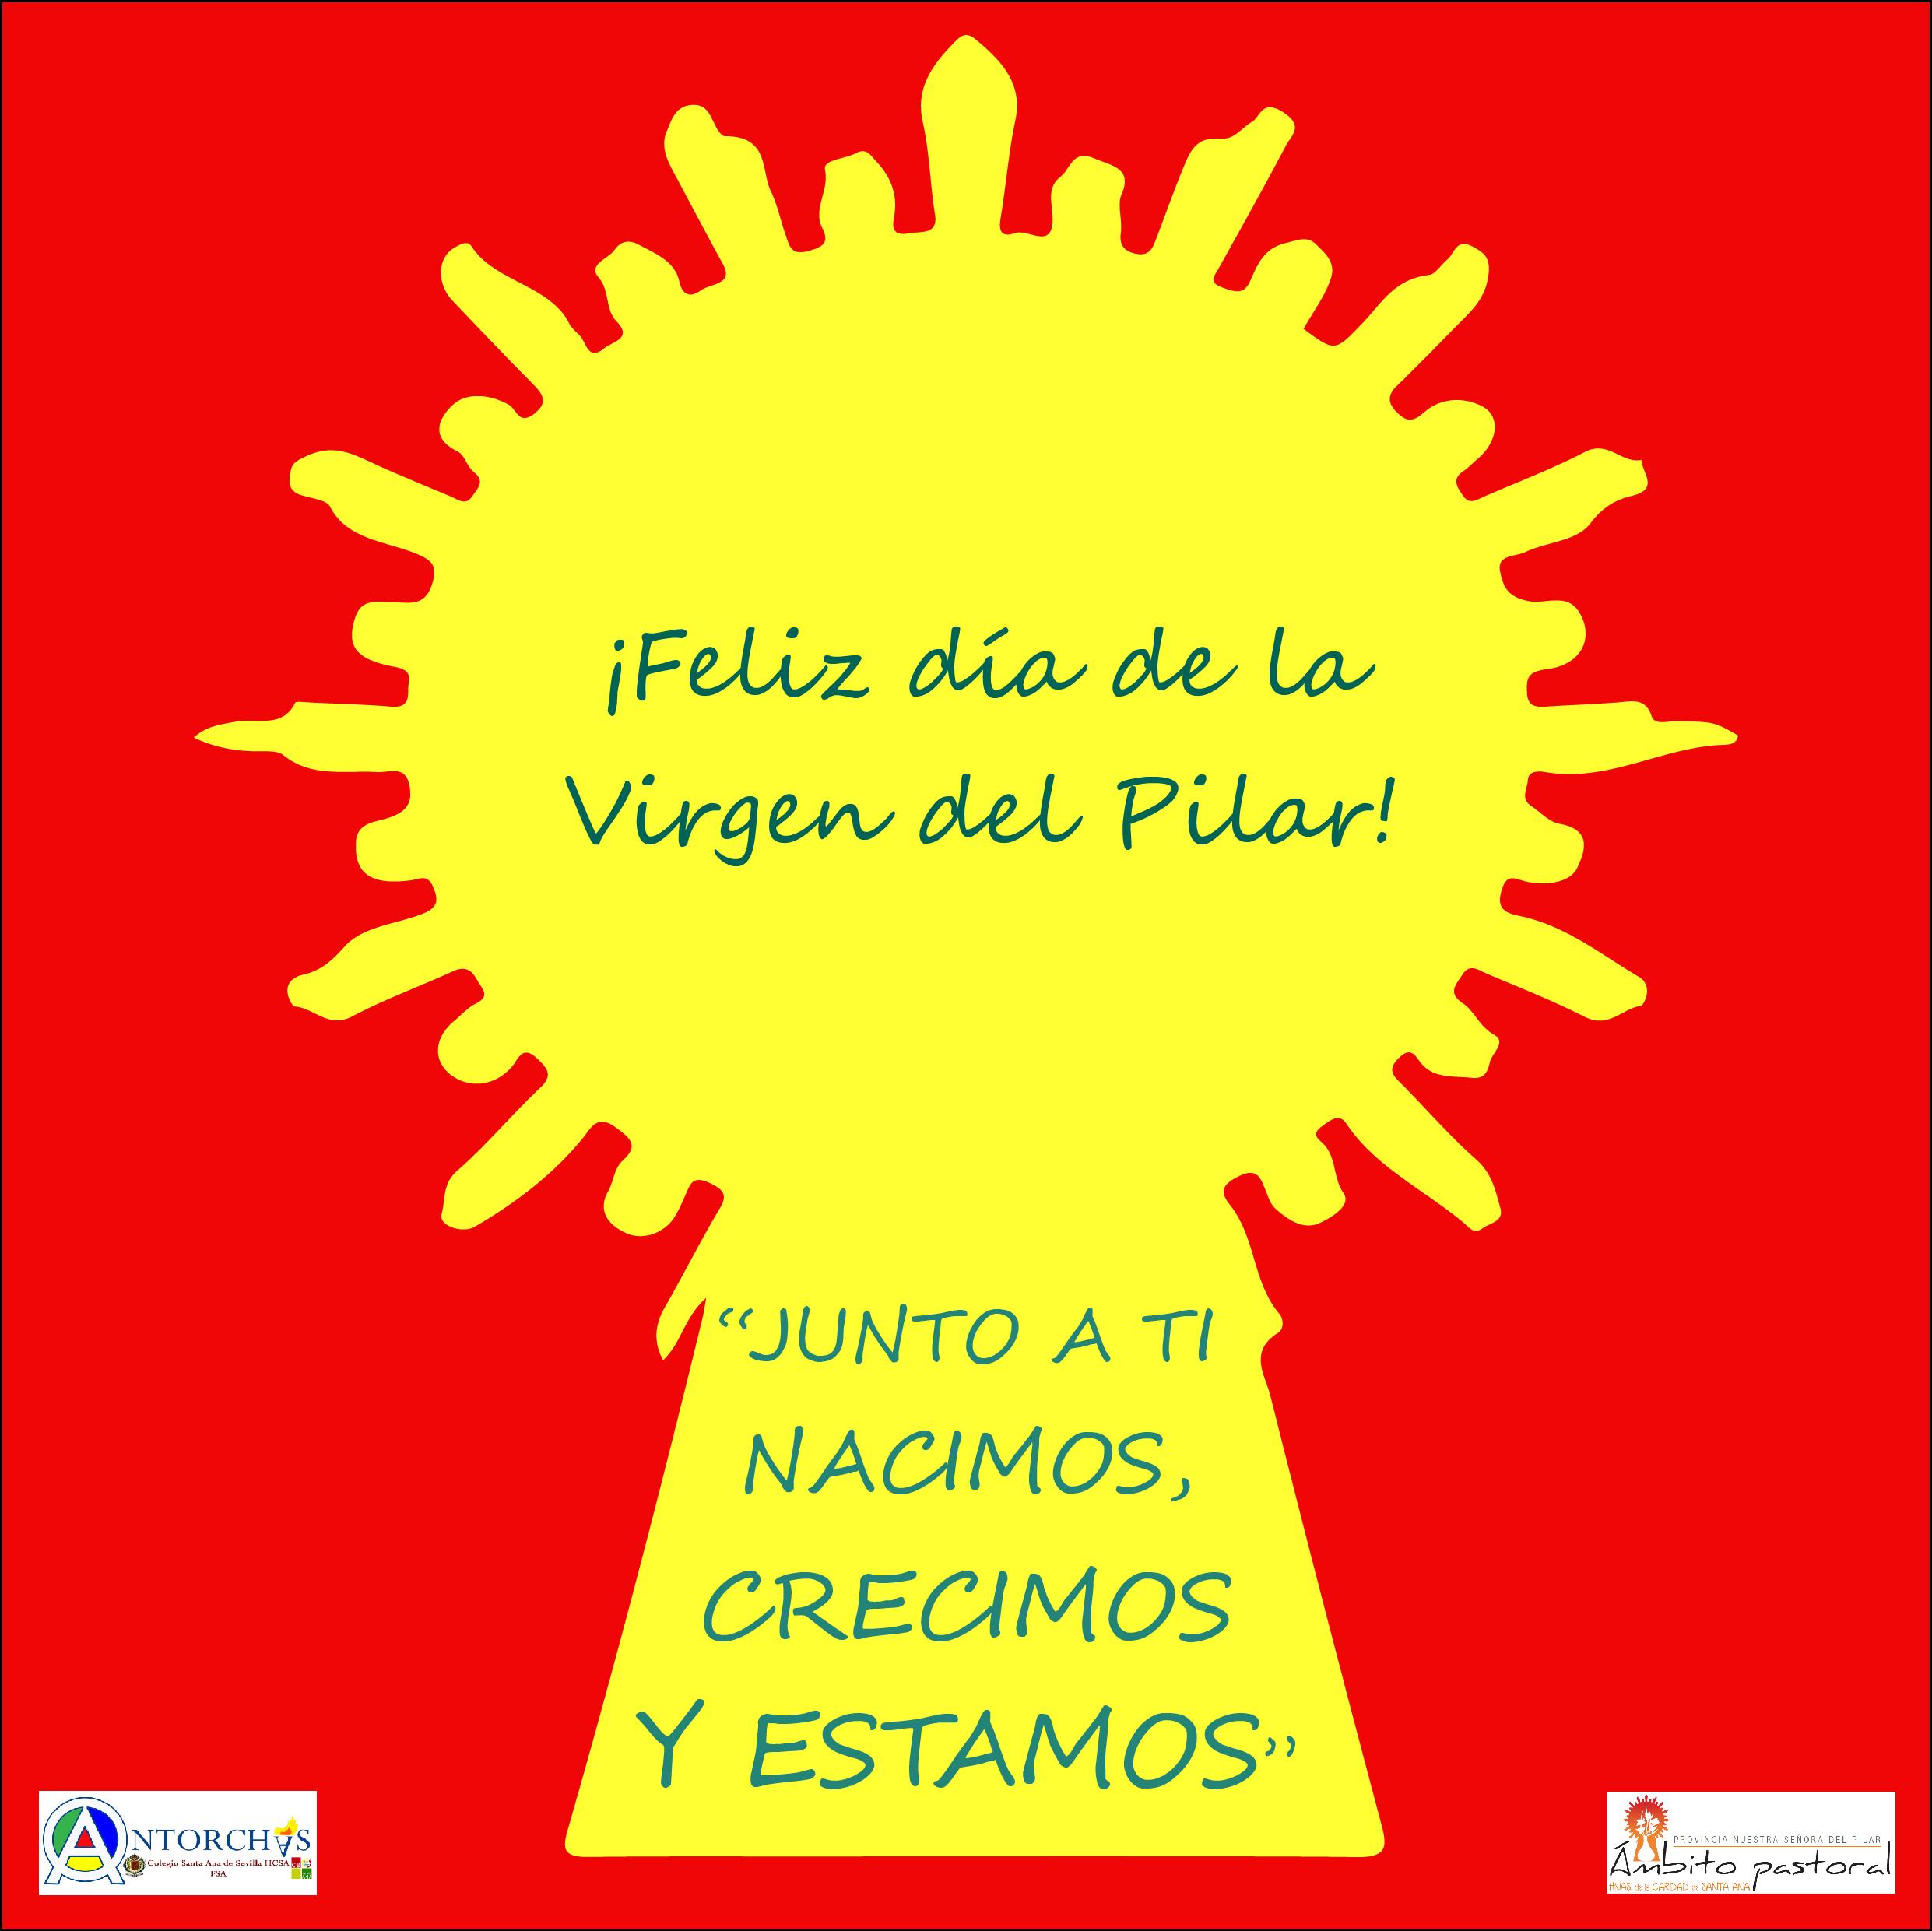 Virgen del Pilar 2019